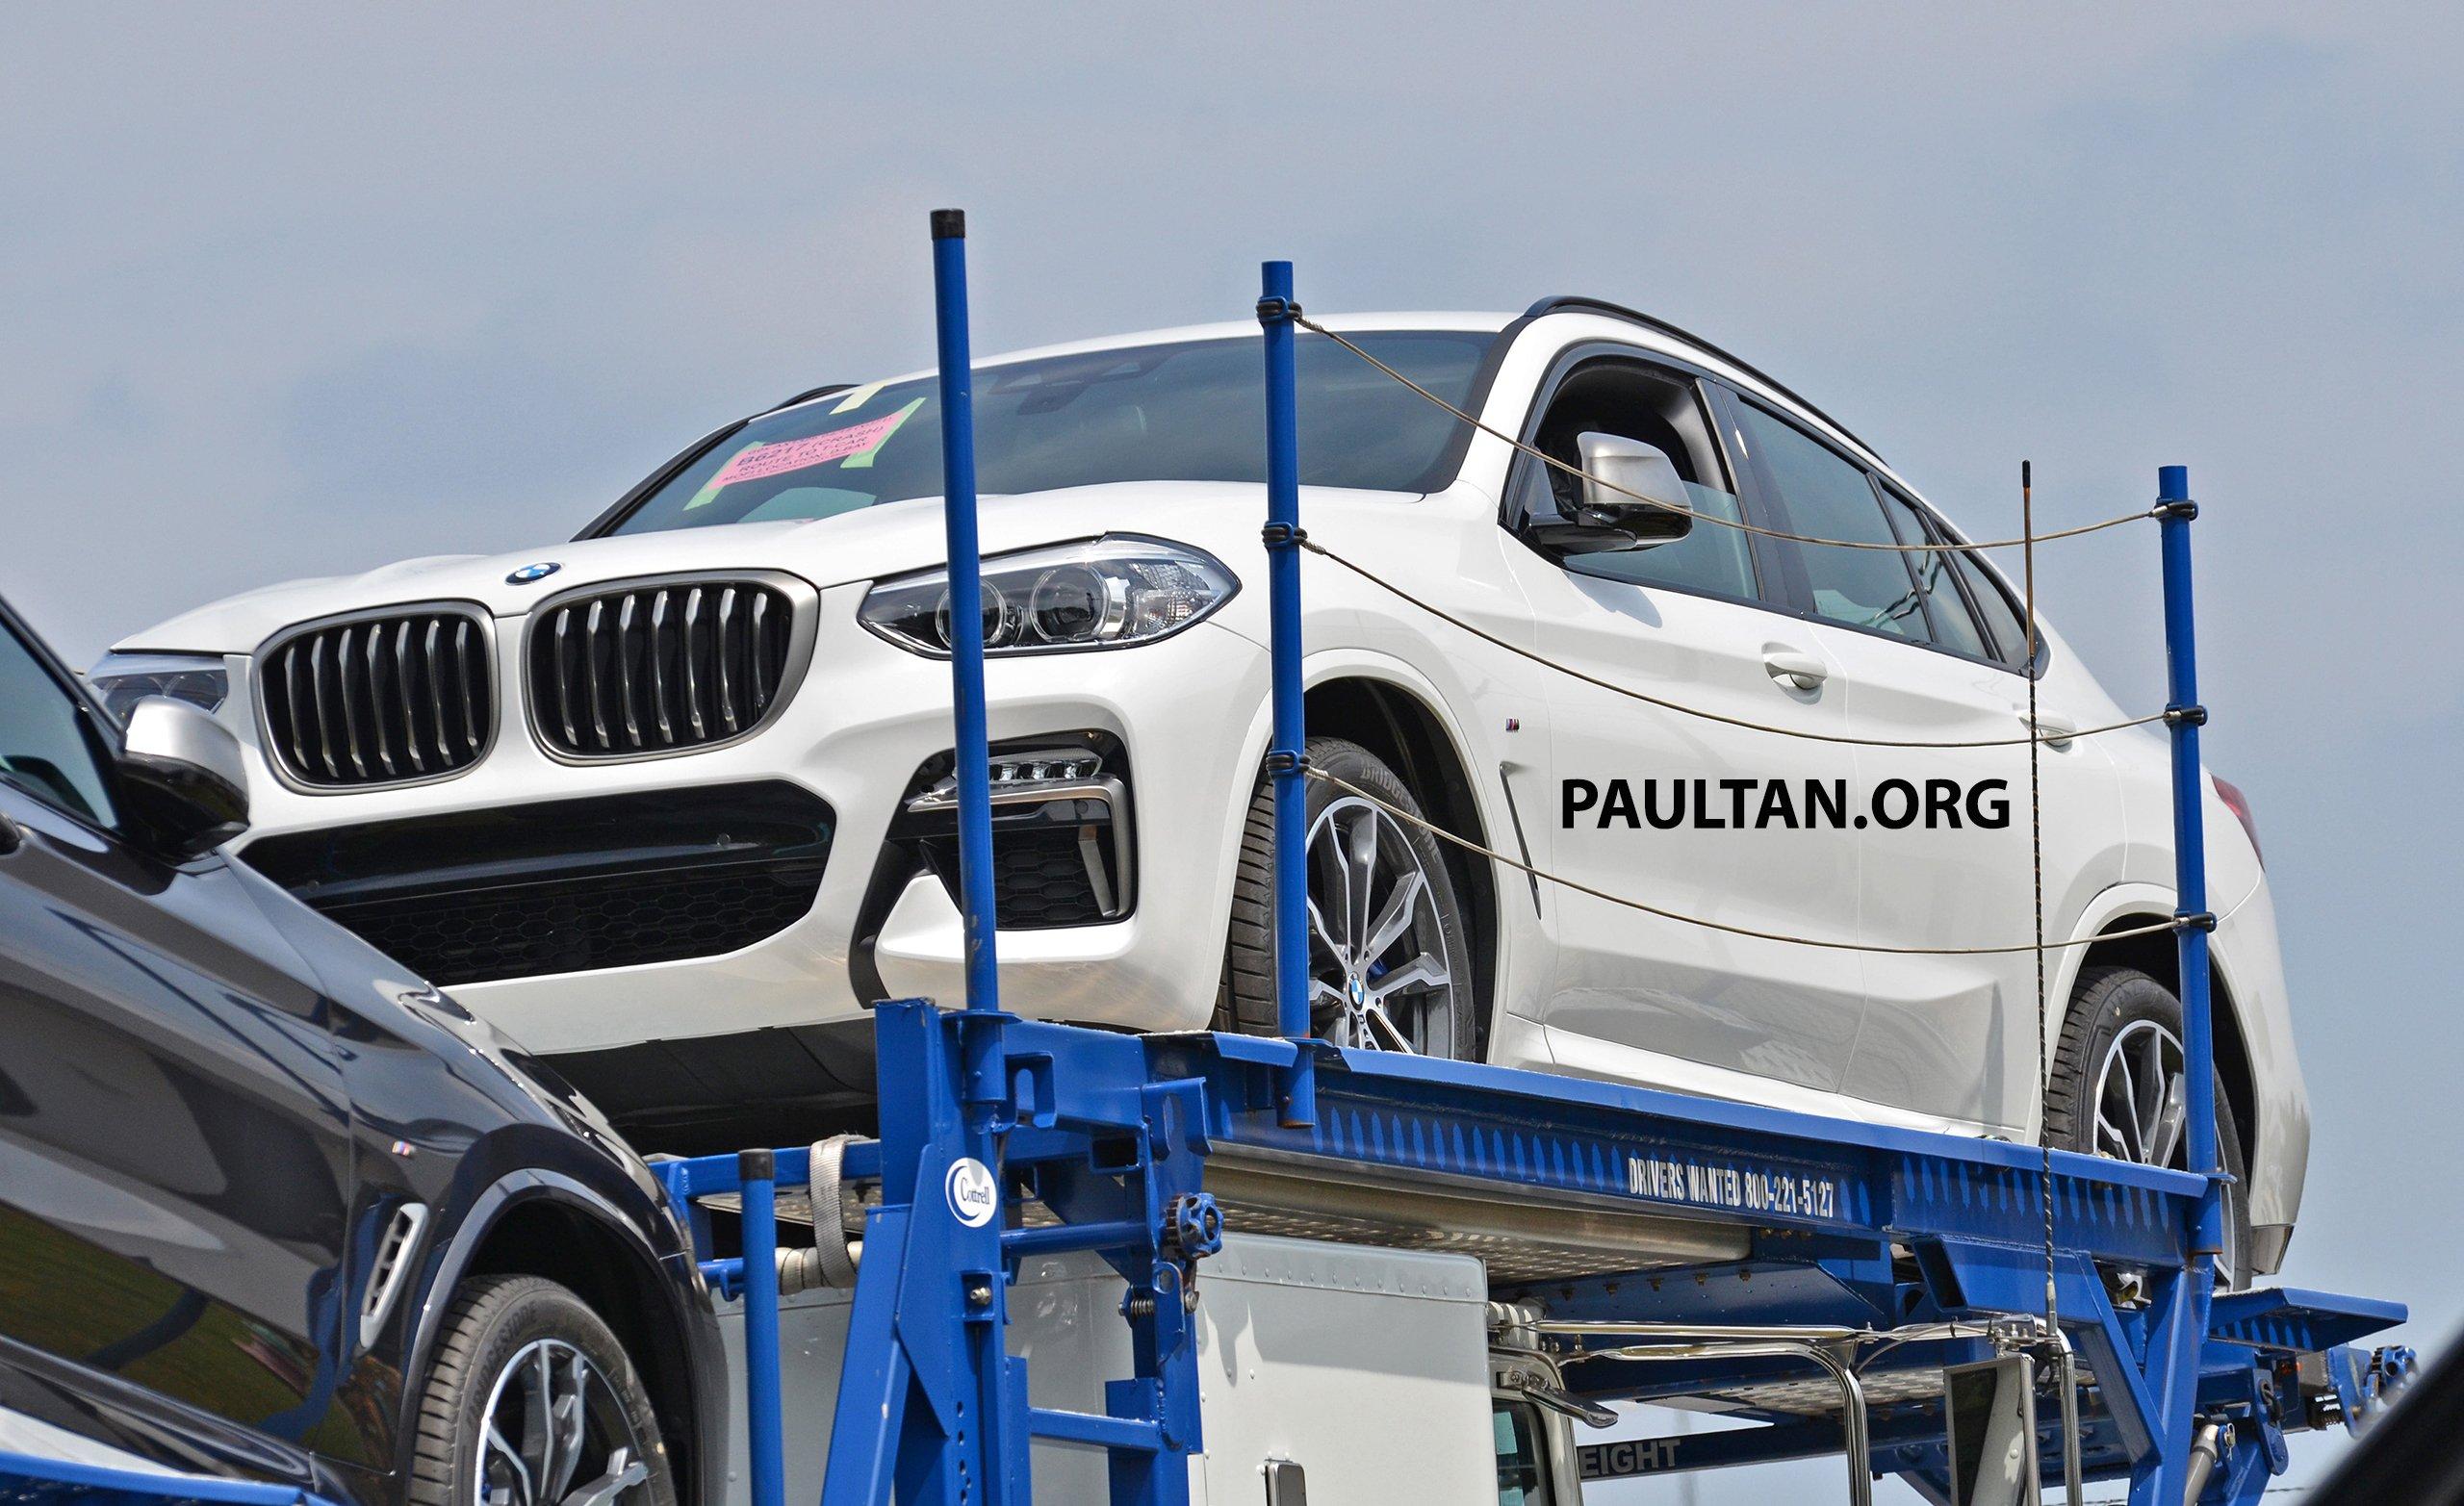 BMW-X4-No-Camo-Spyshots-02.jpg